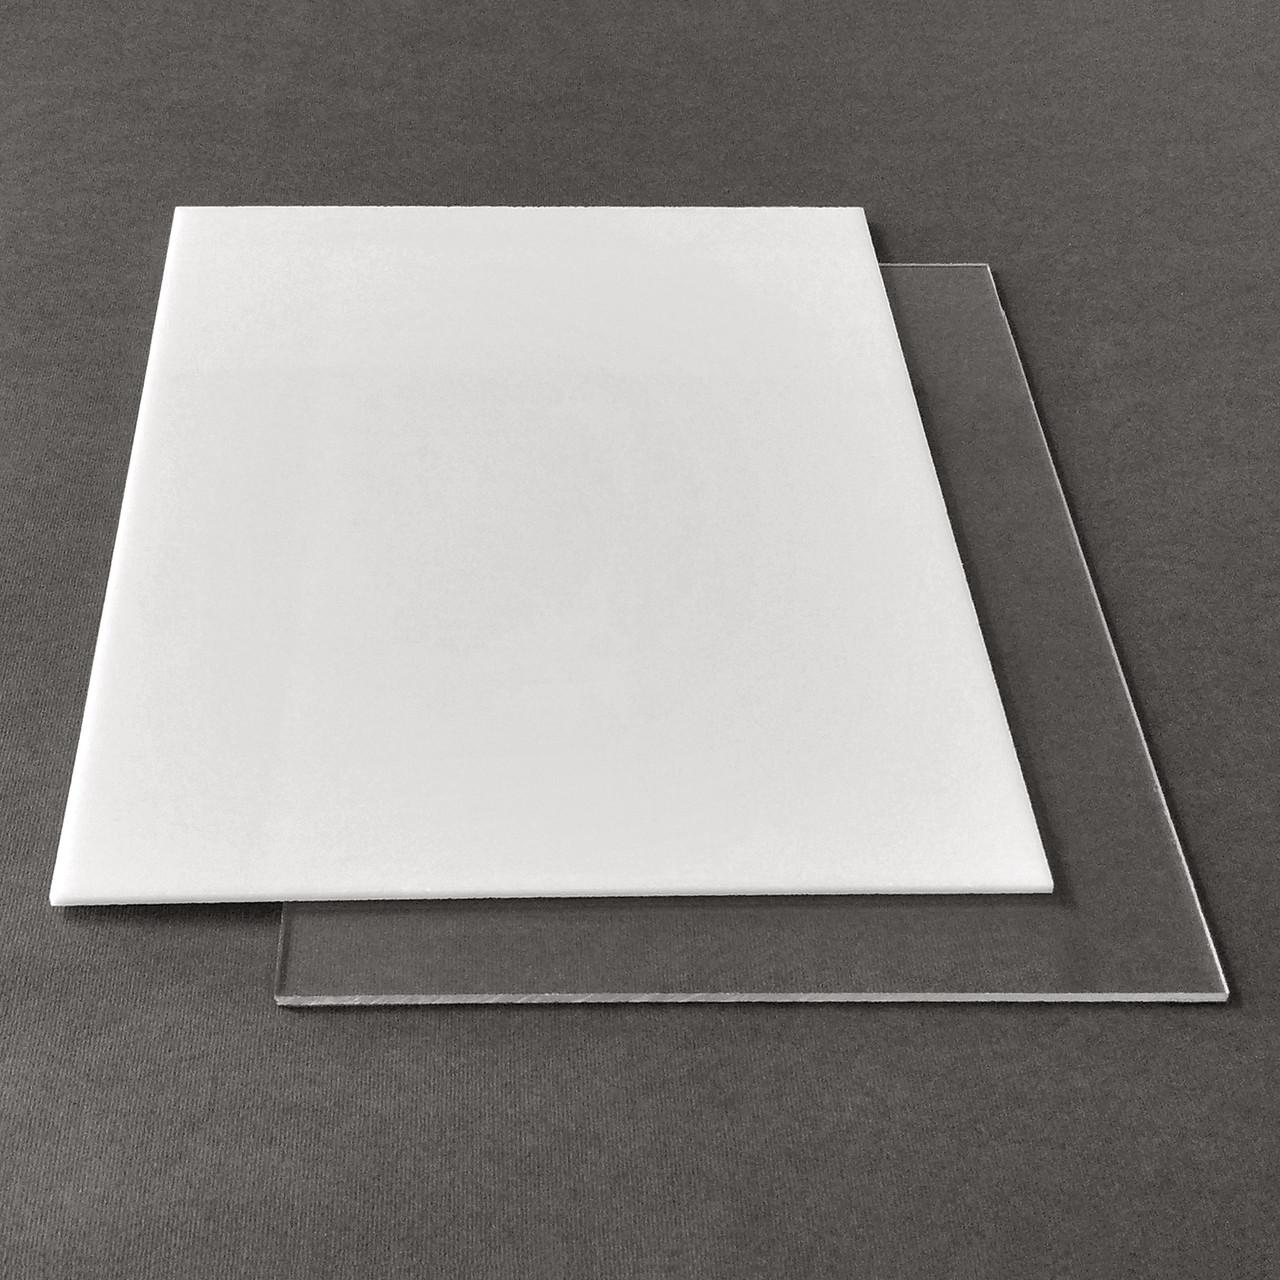 Акрил Plexima XT, прозрачный, 2.5 мм